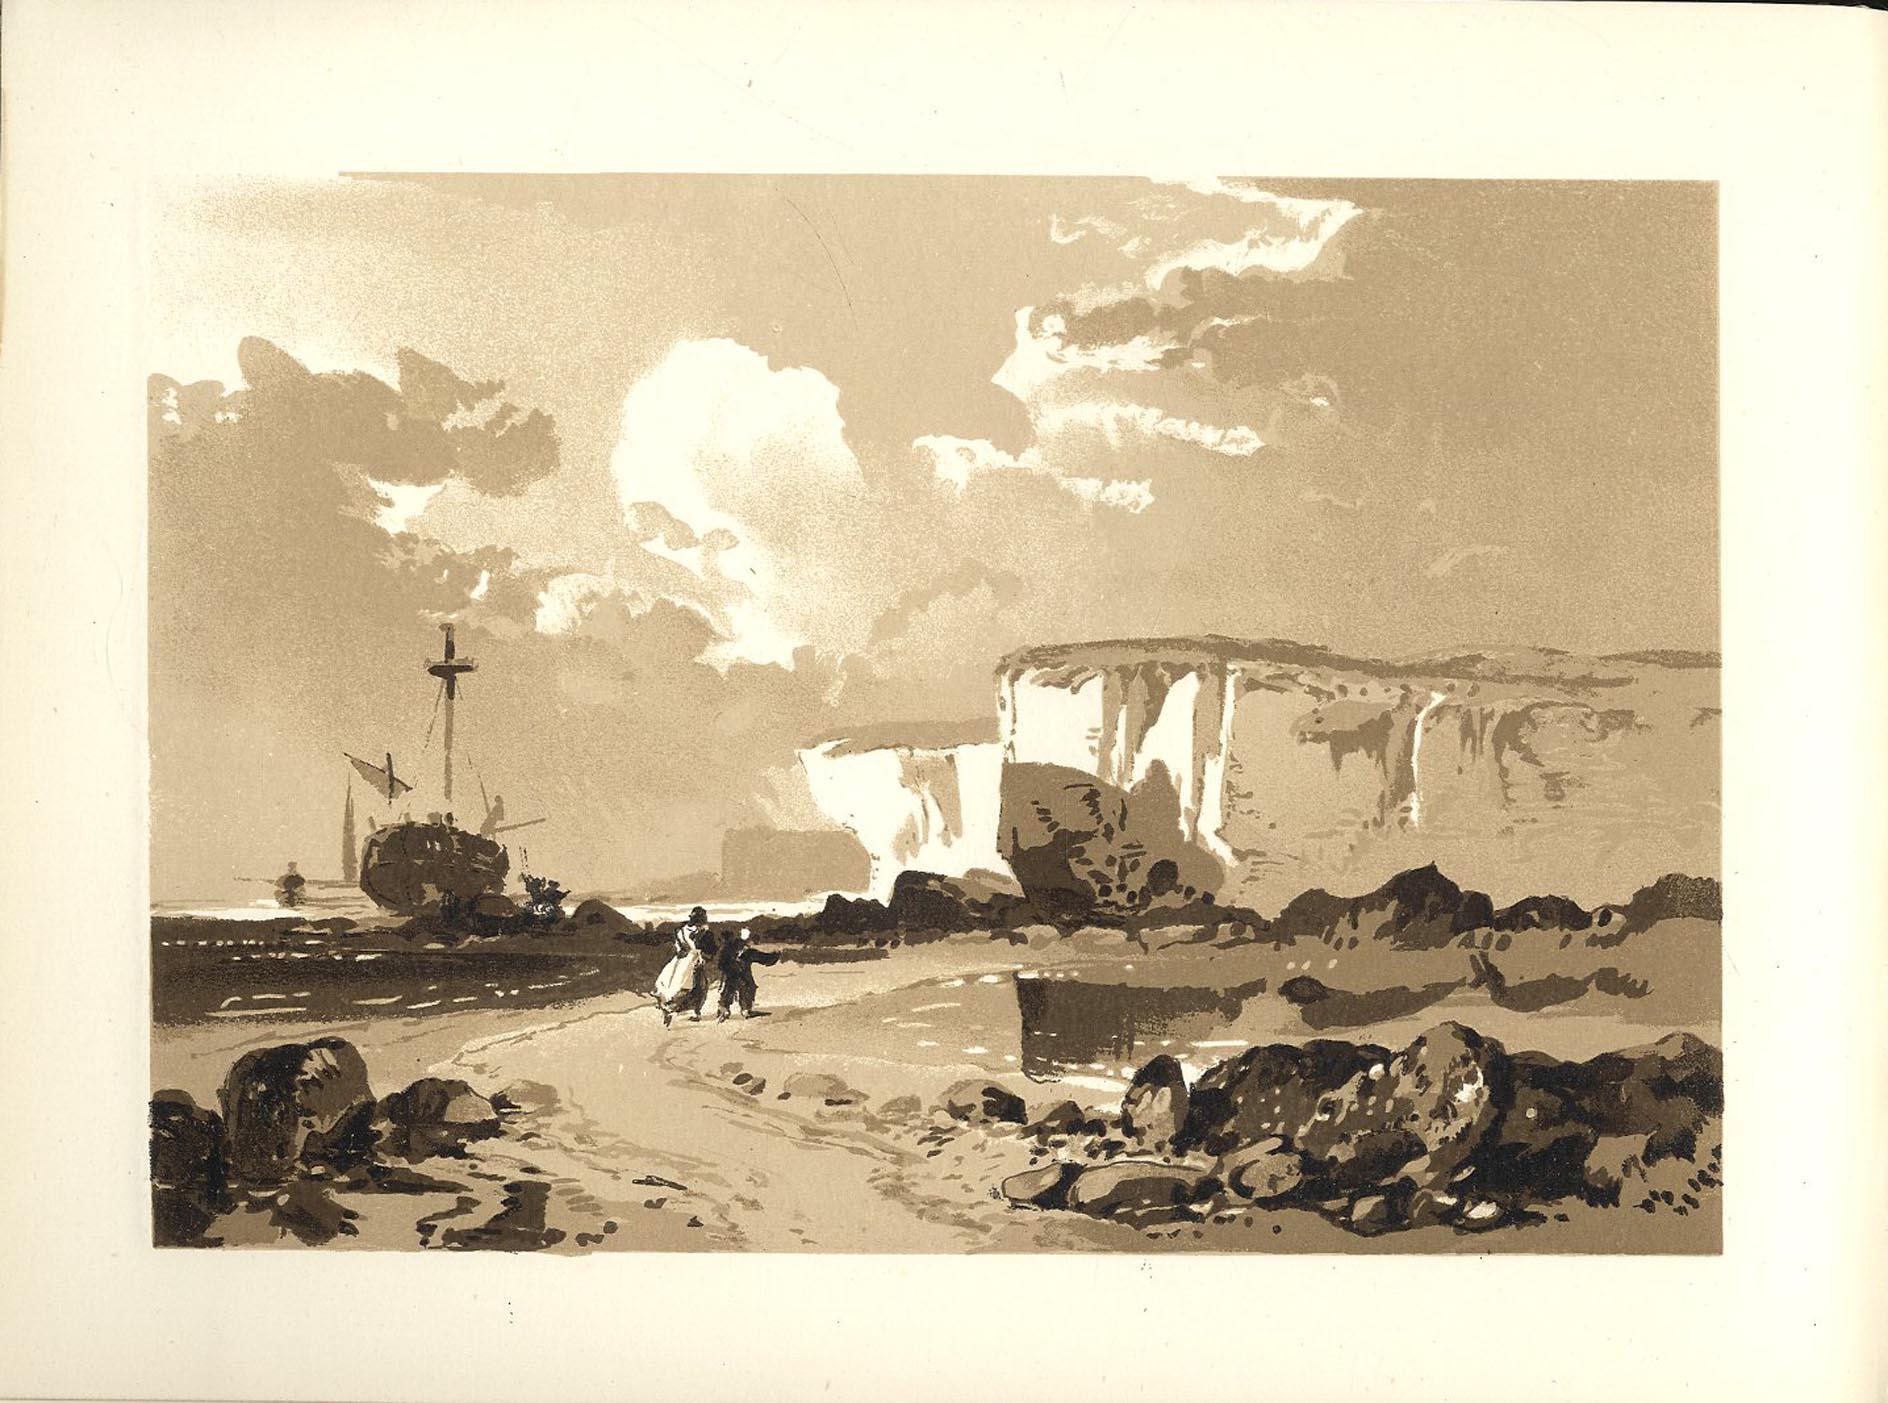 SH607.jpg (1888×1403)